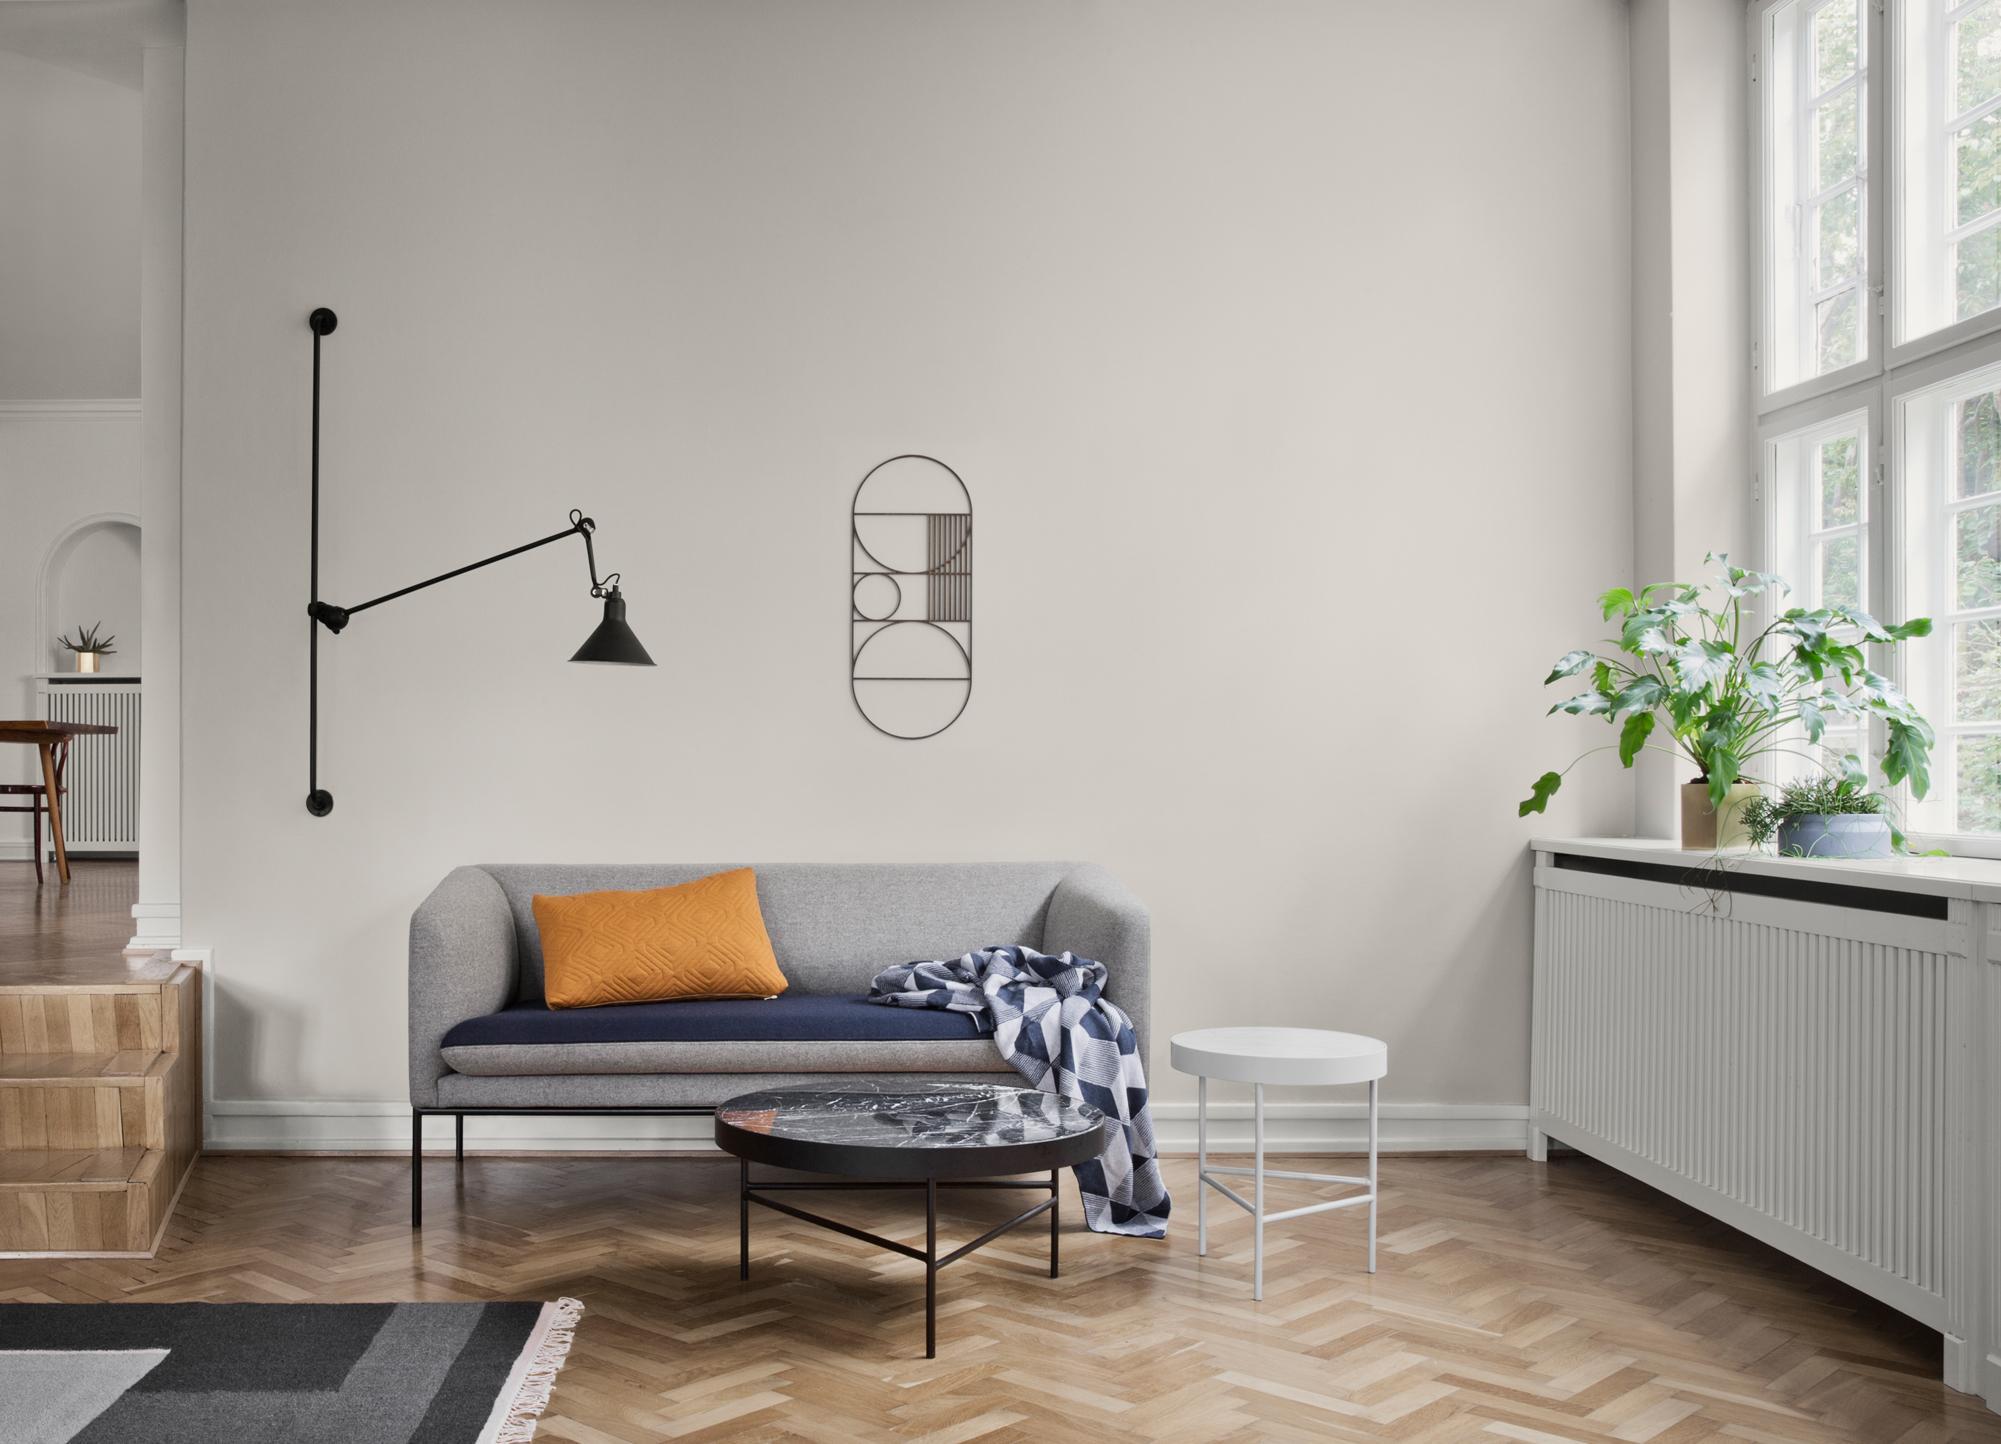 Puristischer Chic Im Wohnzimmer #couchtisch #beistelltisch #teppich # Wohnzimmer #wandleuchte #ikea